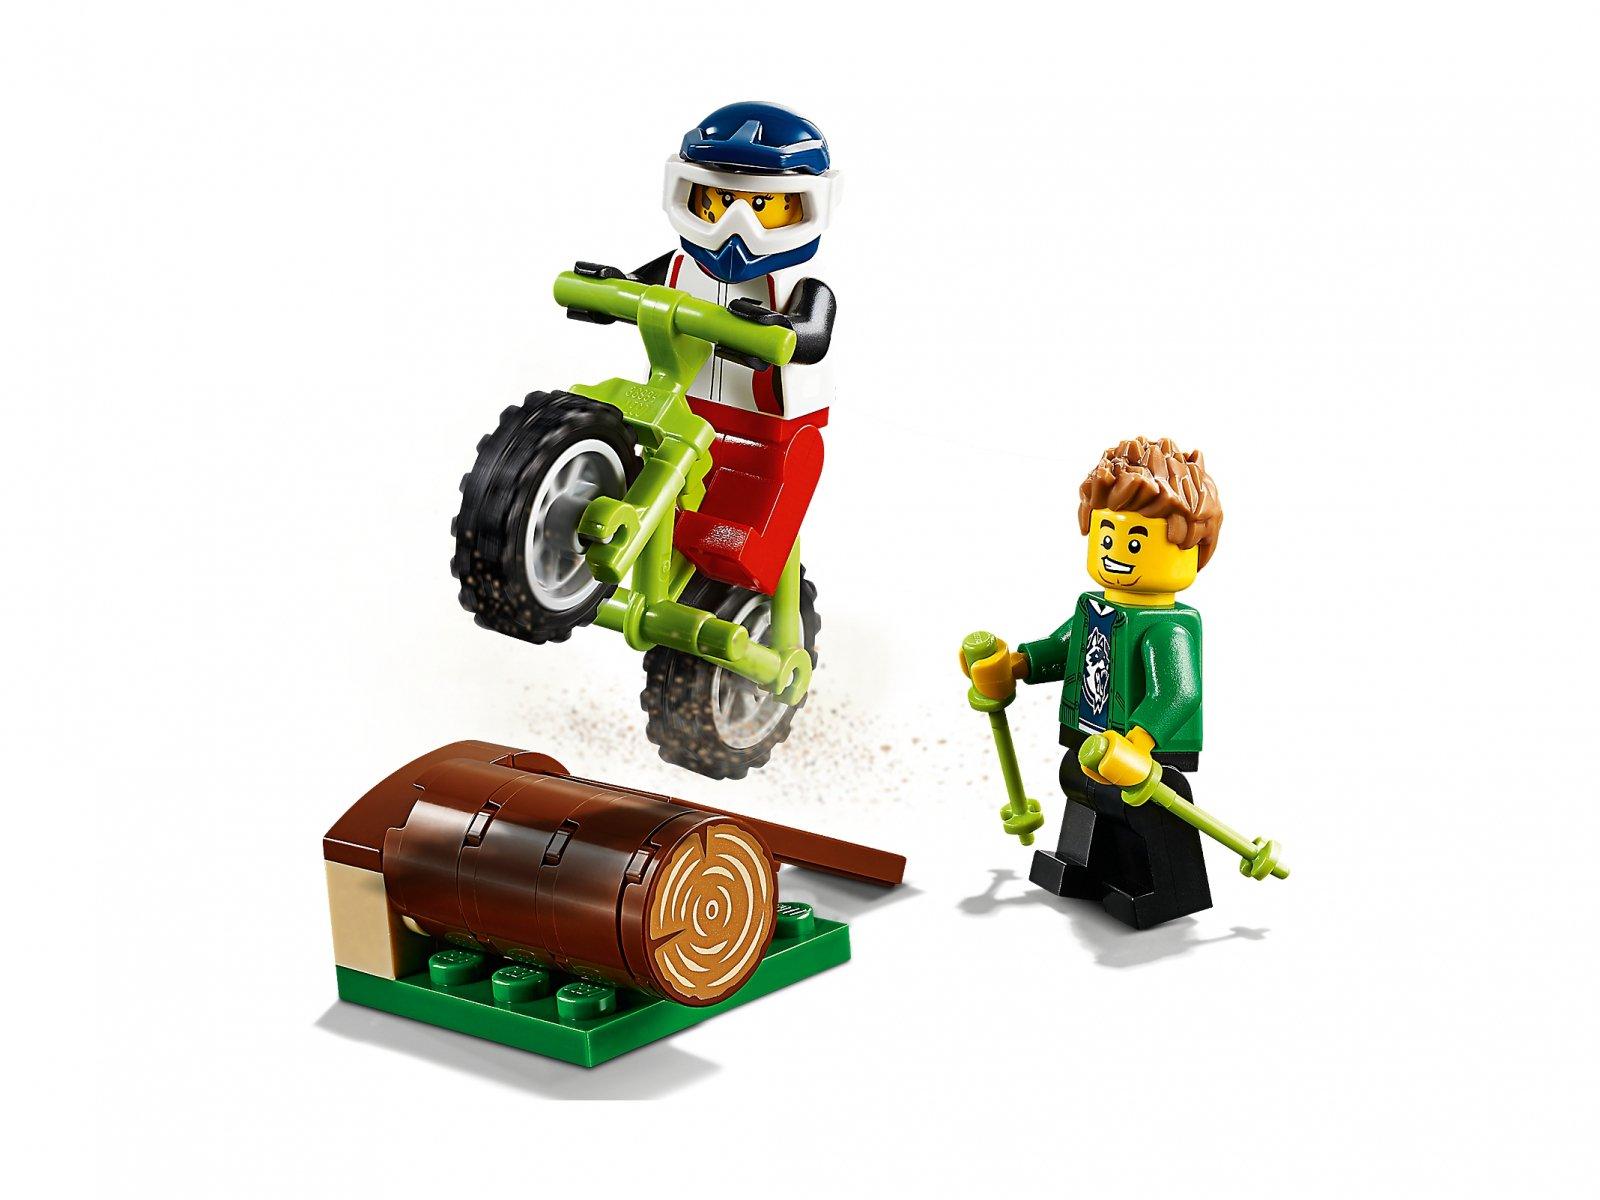 LEGO 60202 - LEGO City 60202 Niesamowite przygody - zdjęcie 4